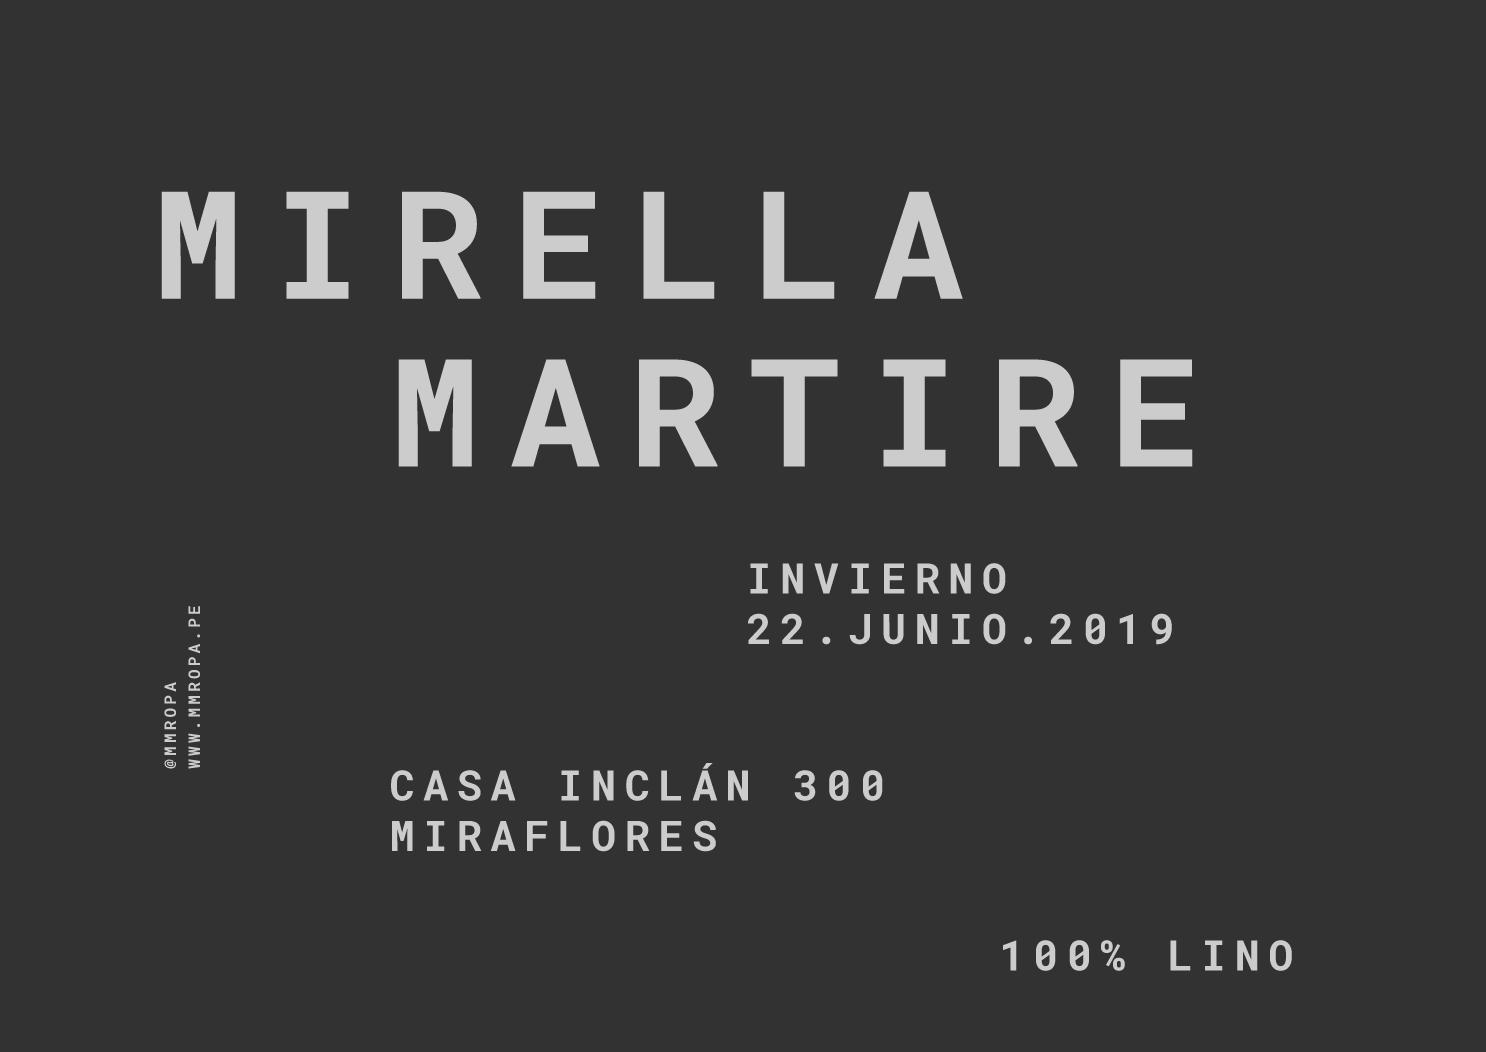 MM-Mirella-Martire_logo_7.png